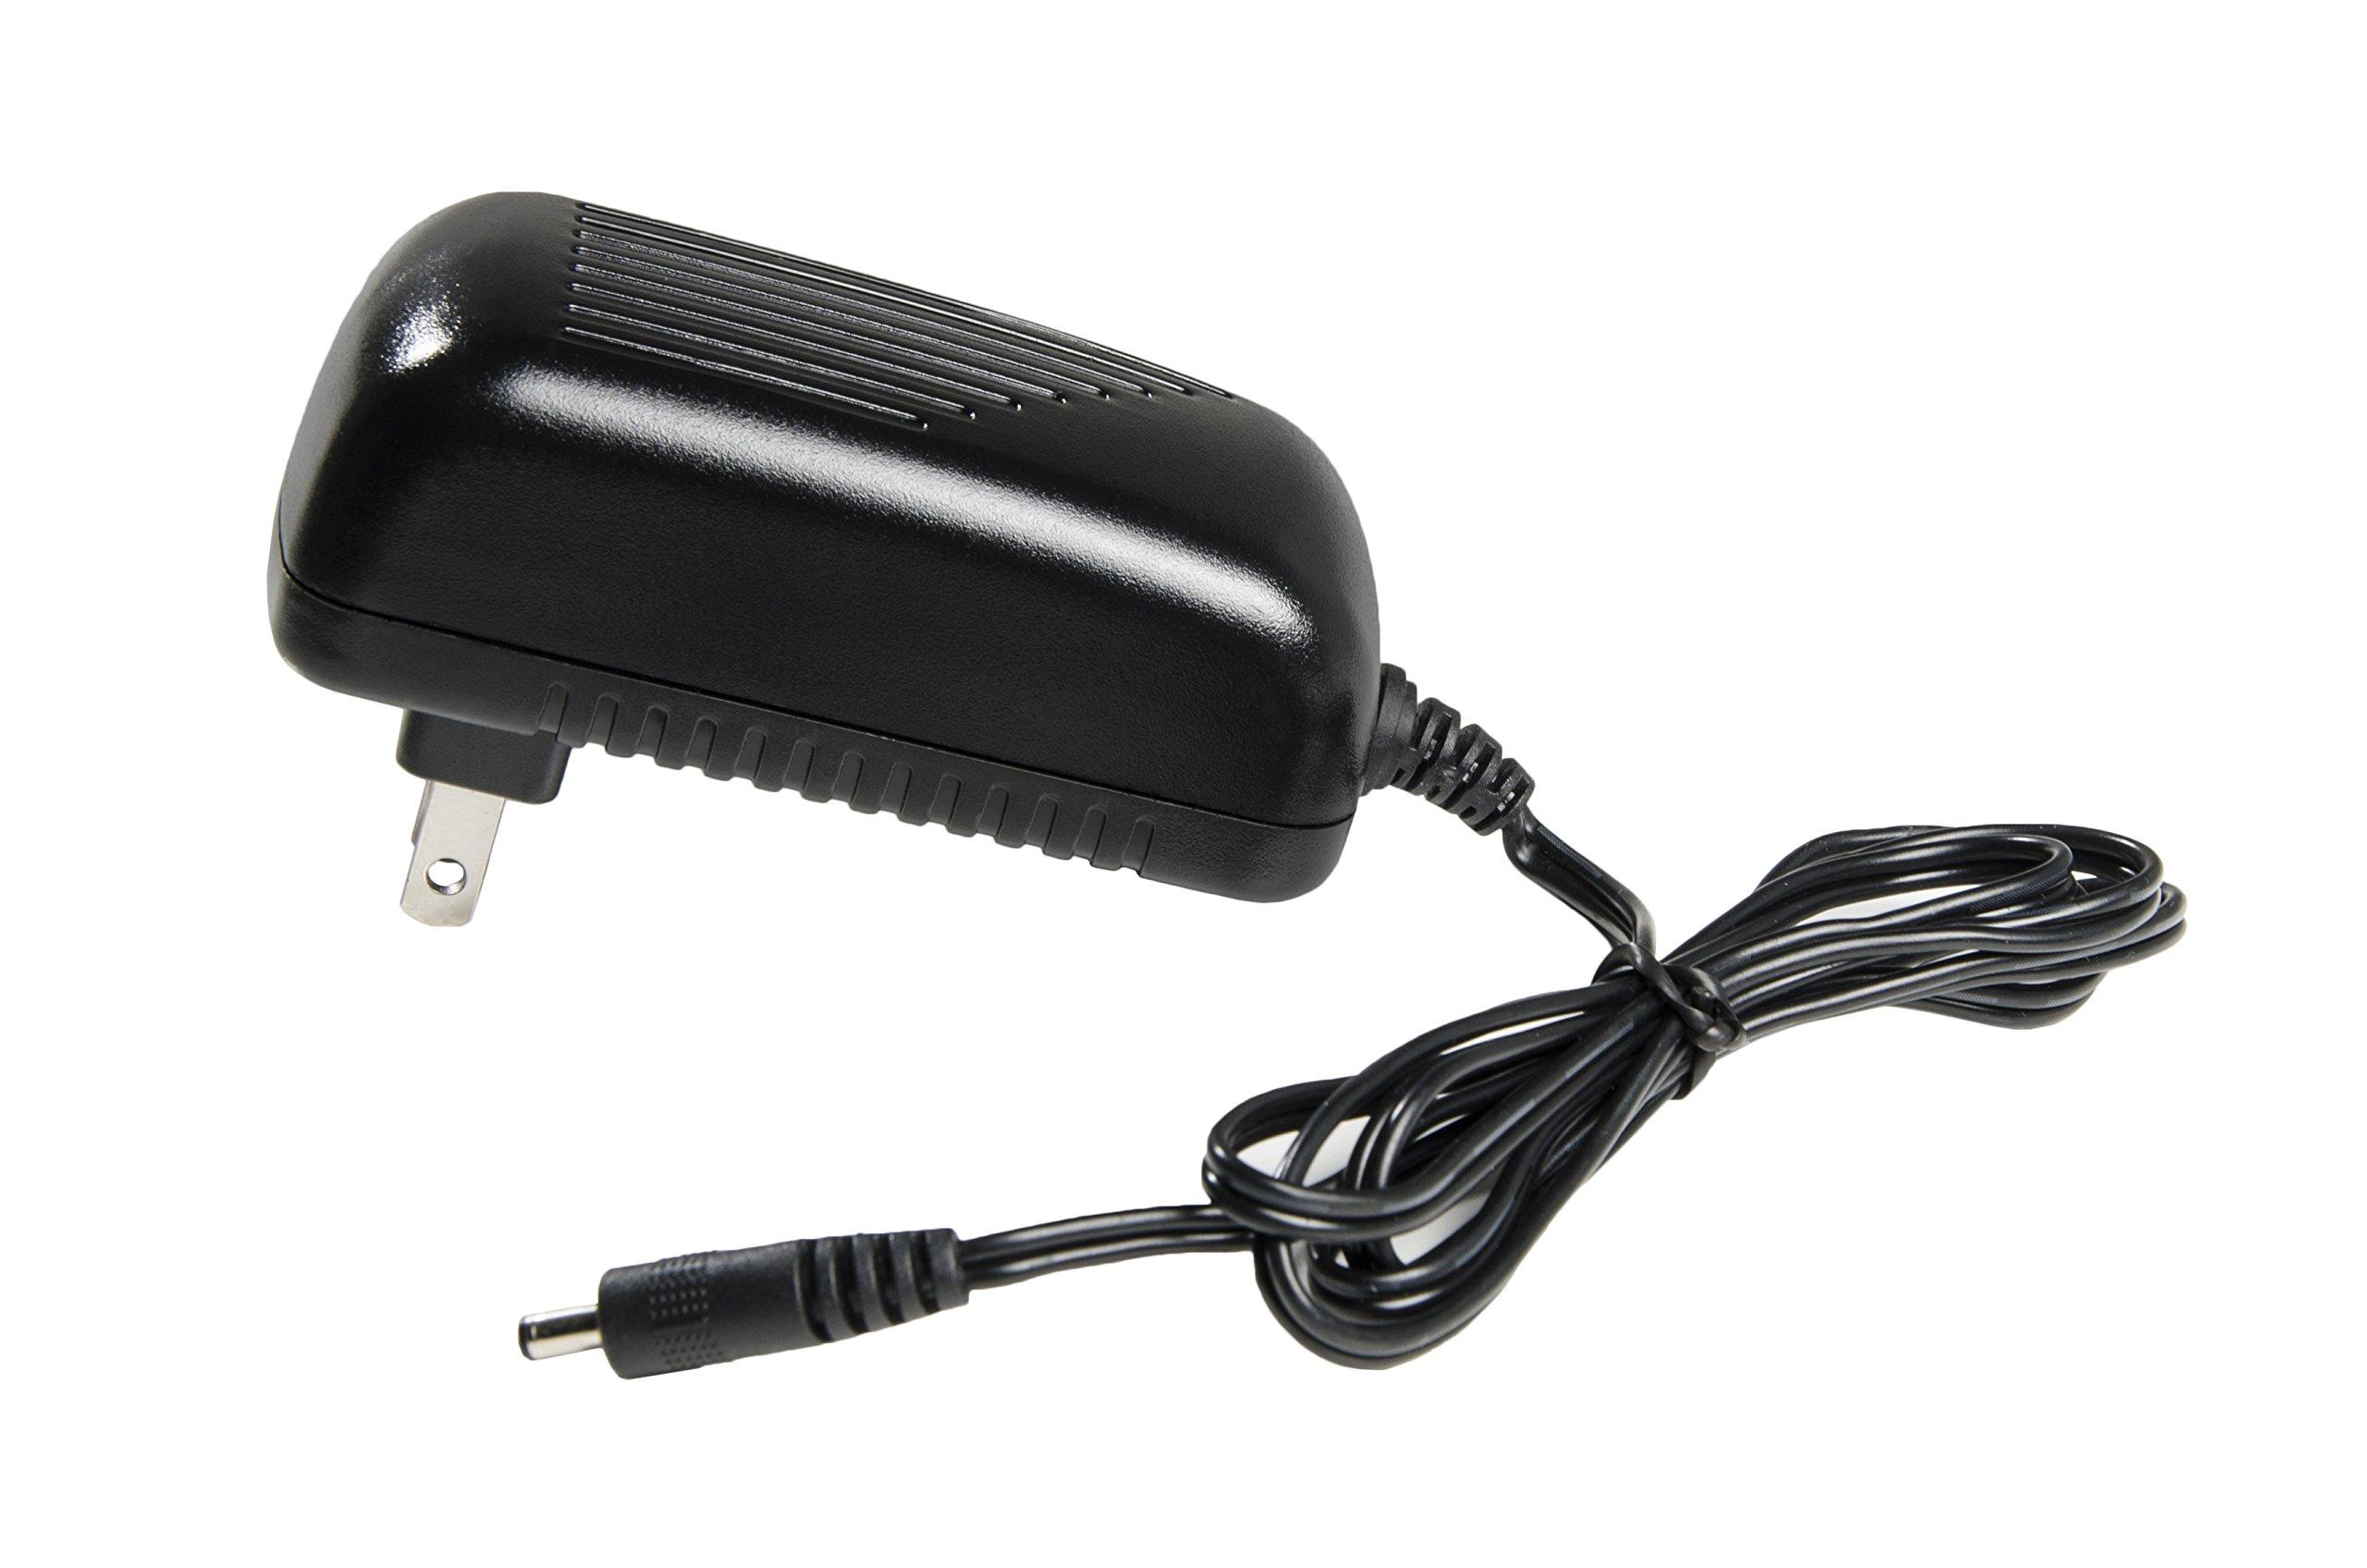 Sabrent 5V 4A 100V-240V to DC Power Adapter Support most Sabrent USB Hub [Black] (PS-5V4A)